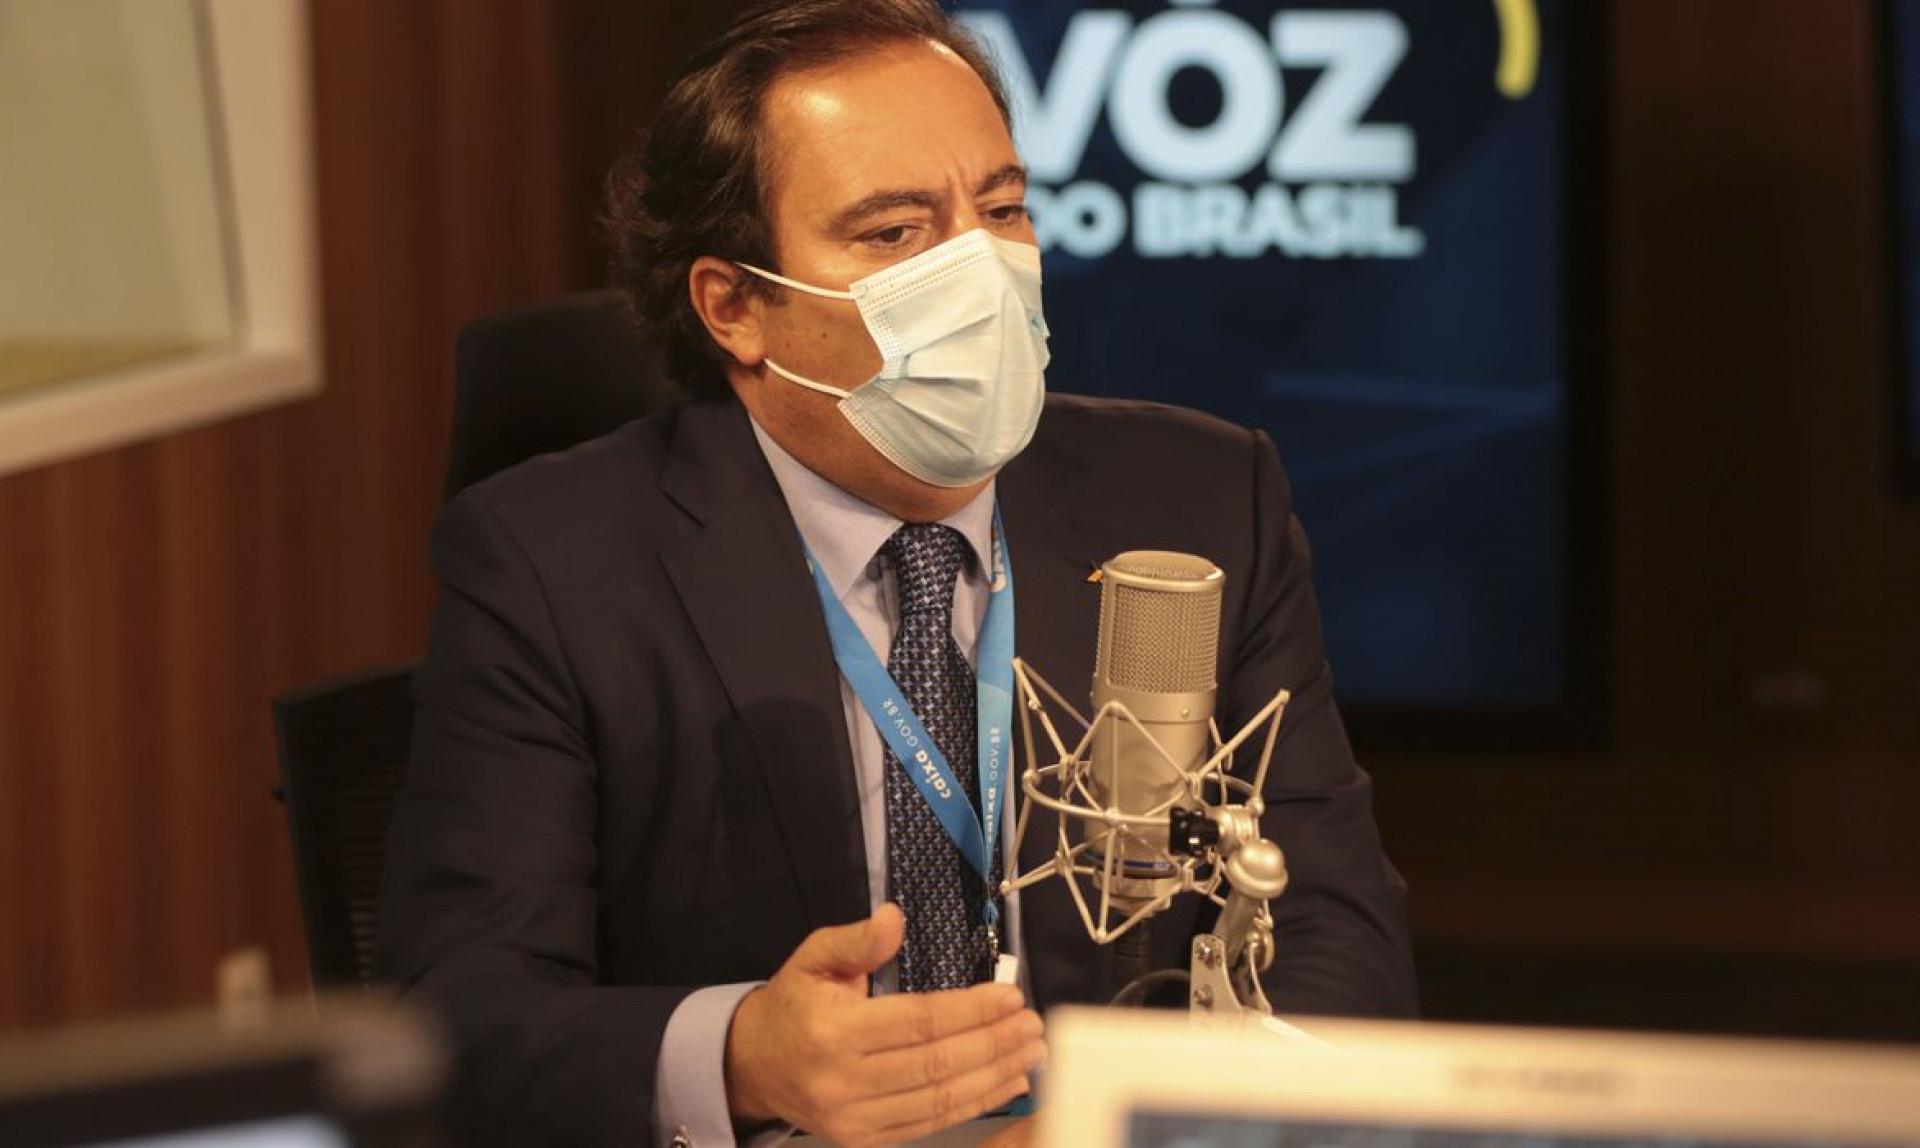 O presidente da Caixa Econômica Federal, Pedro Guimarães, participa do programa A Voz do Brasil (Foto: Valter Campanato/Agência Brasil)